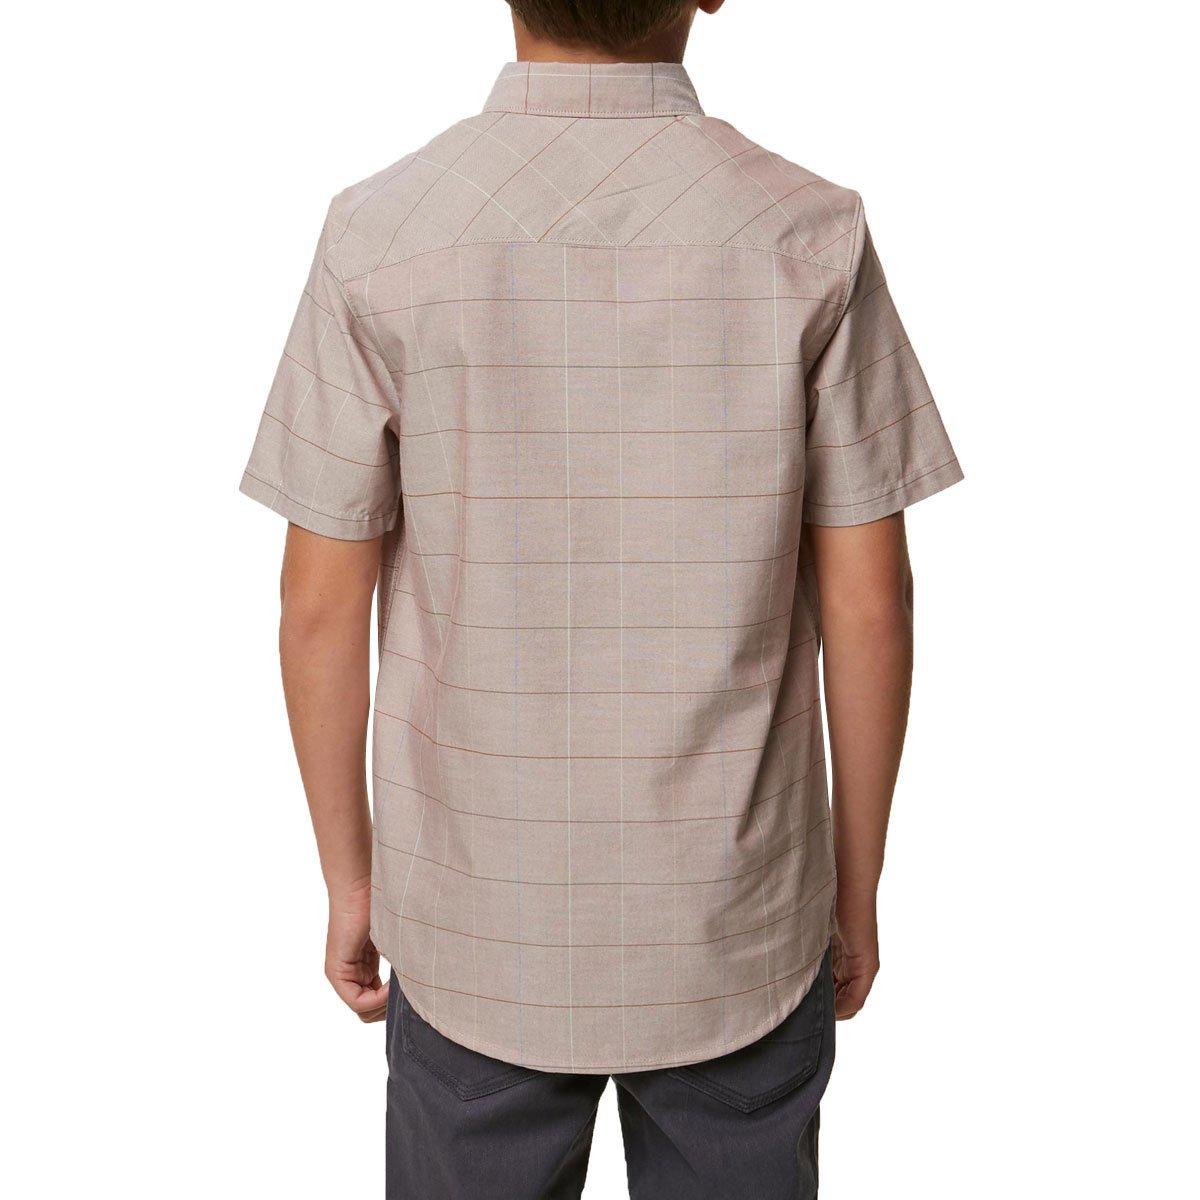 ONeill Boys Gridlock Short Sleeve Woven